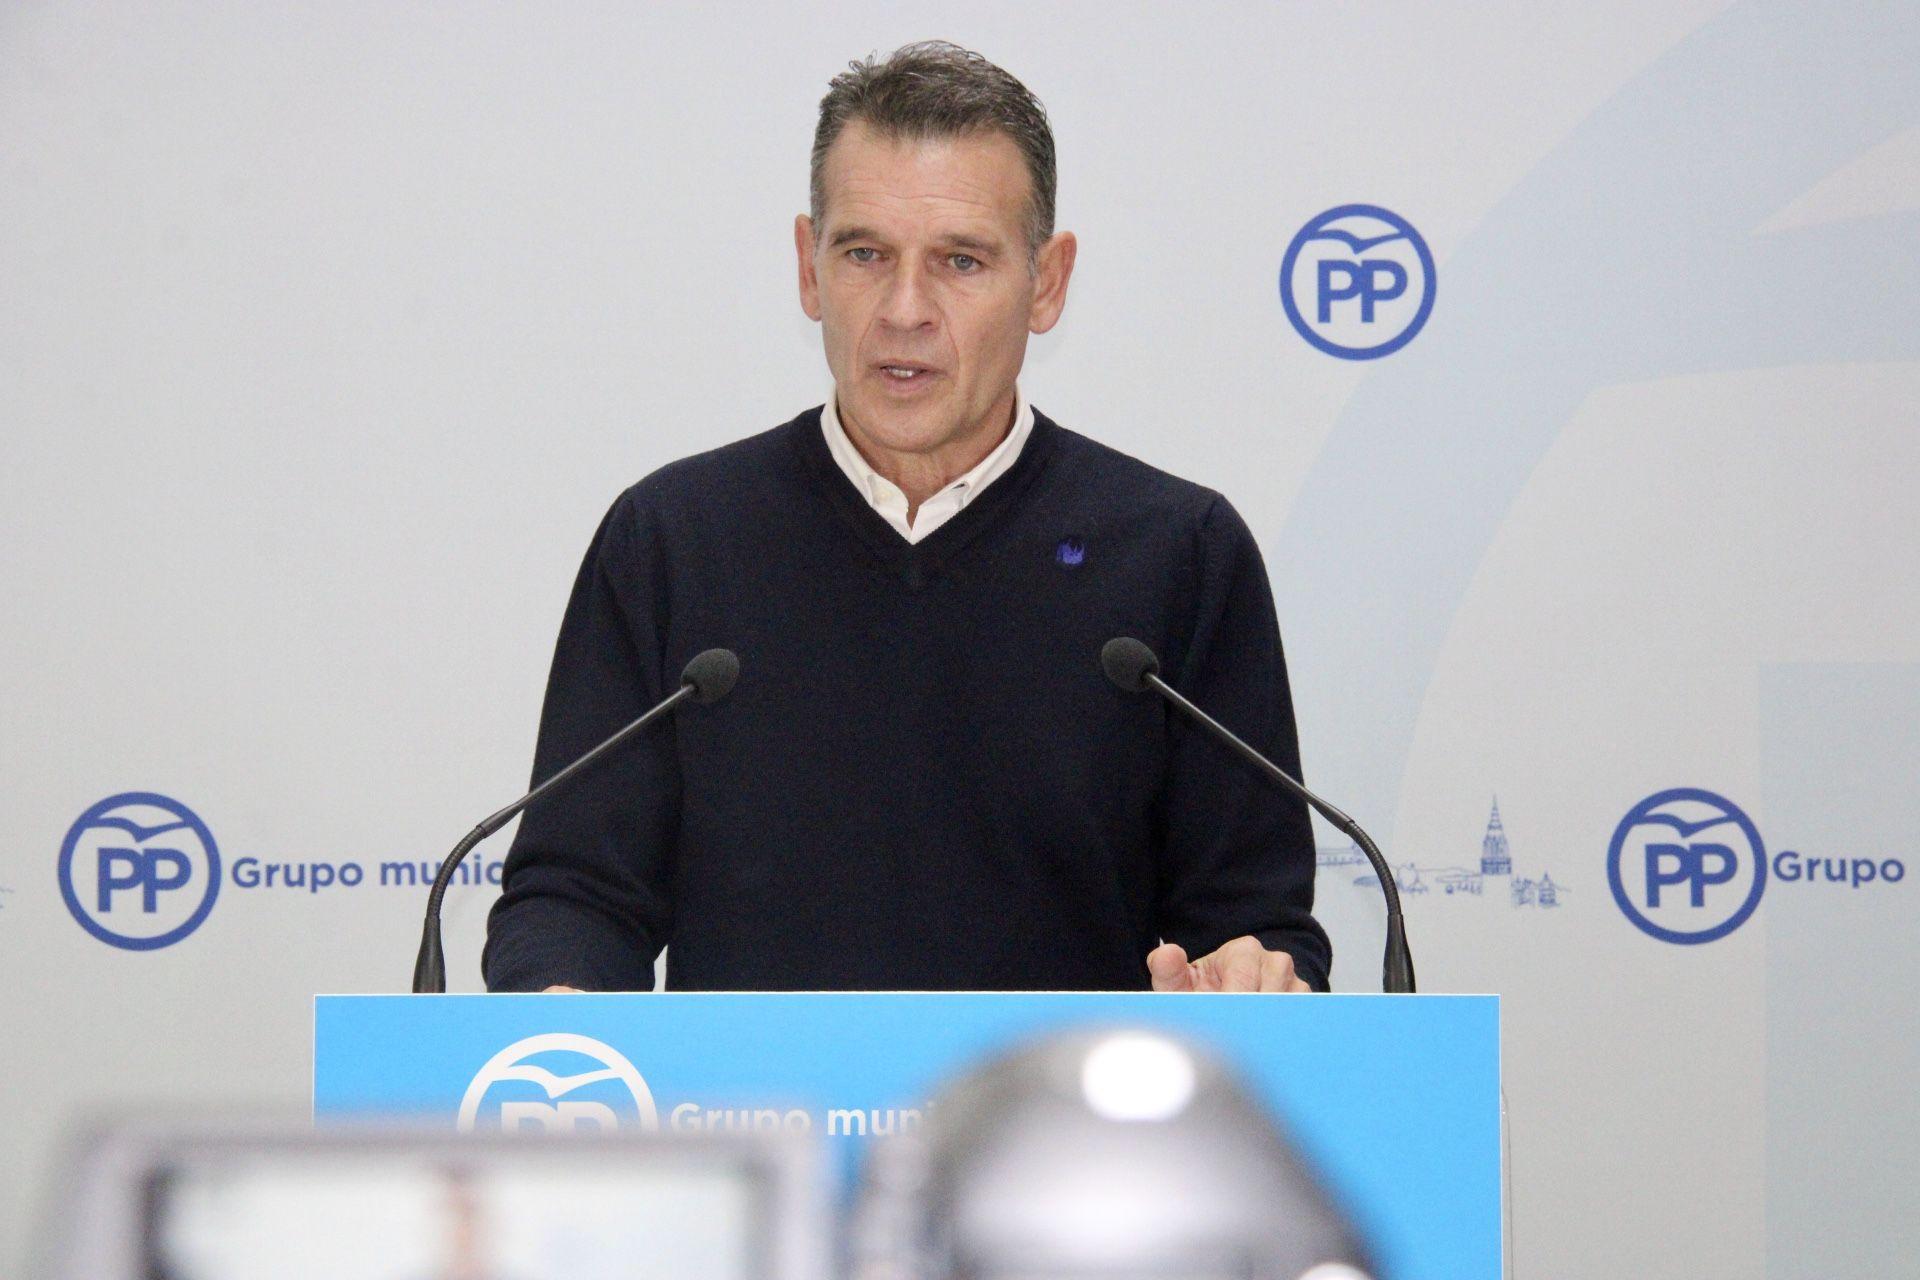 Gamarra exige a Tolón que cumpla su palabra y conceda de inmediato a los autónomos y pymes el millón y medio de euros que les prometió